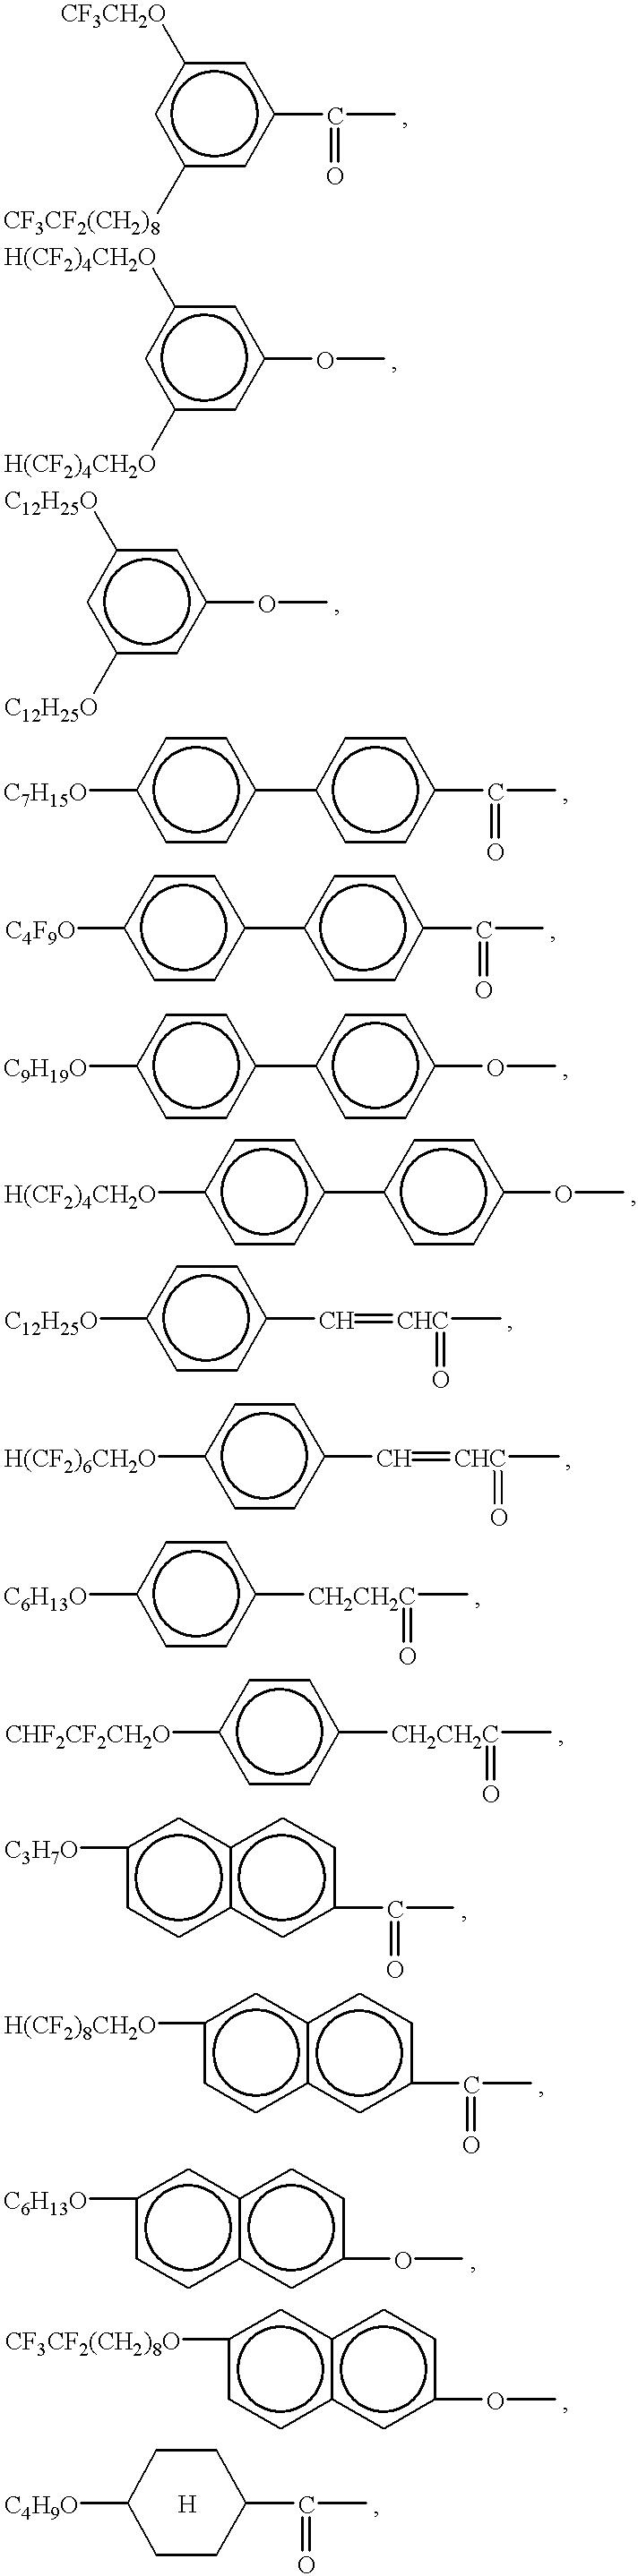 Figure US06261649-20010717-C00004